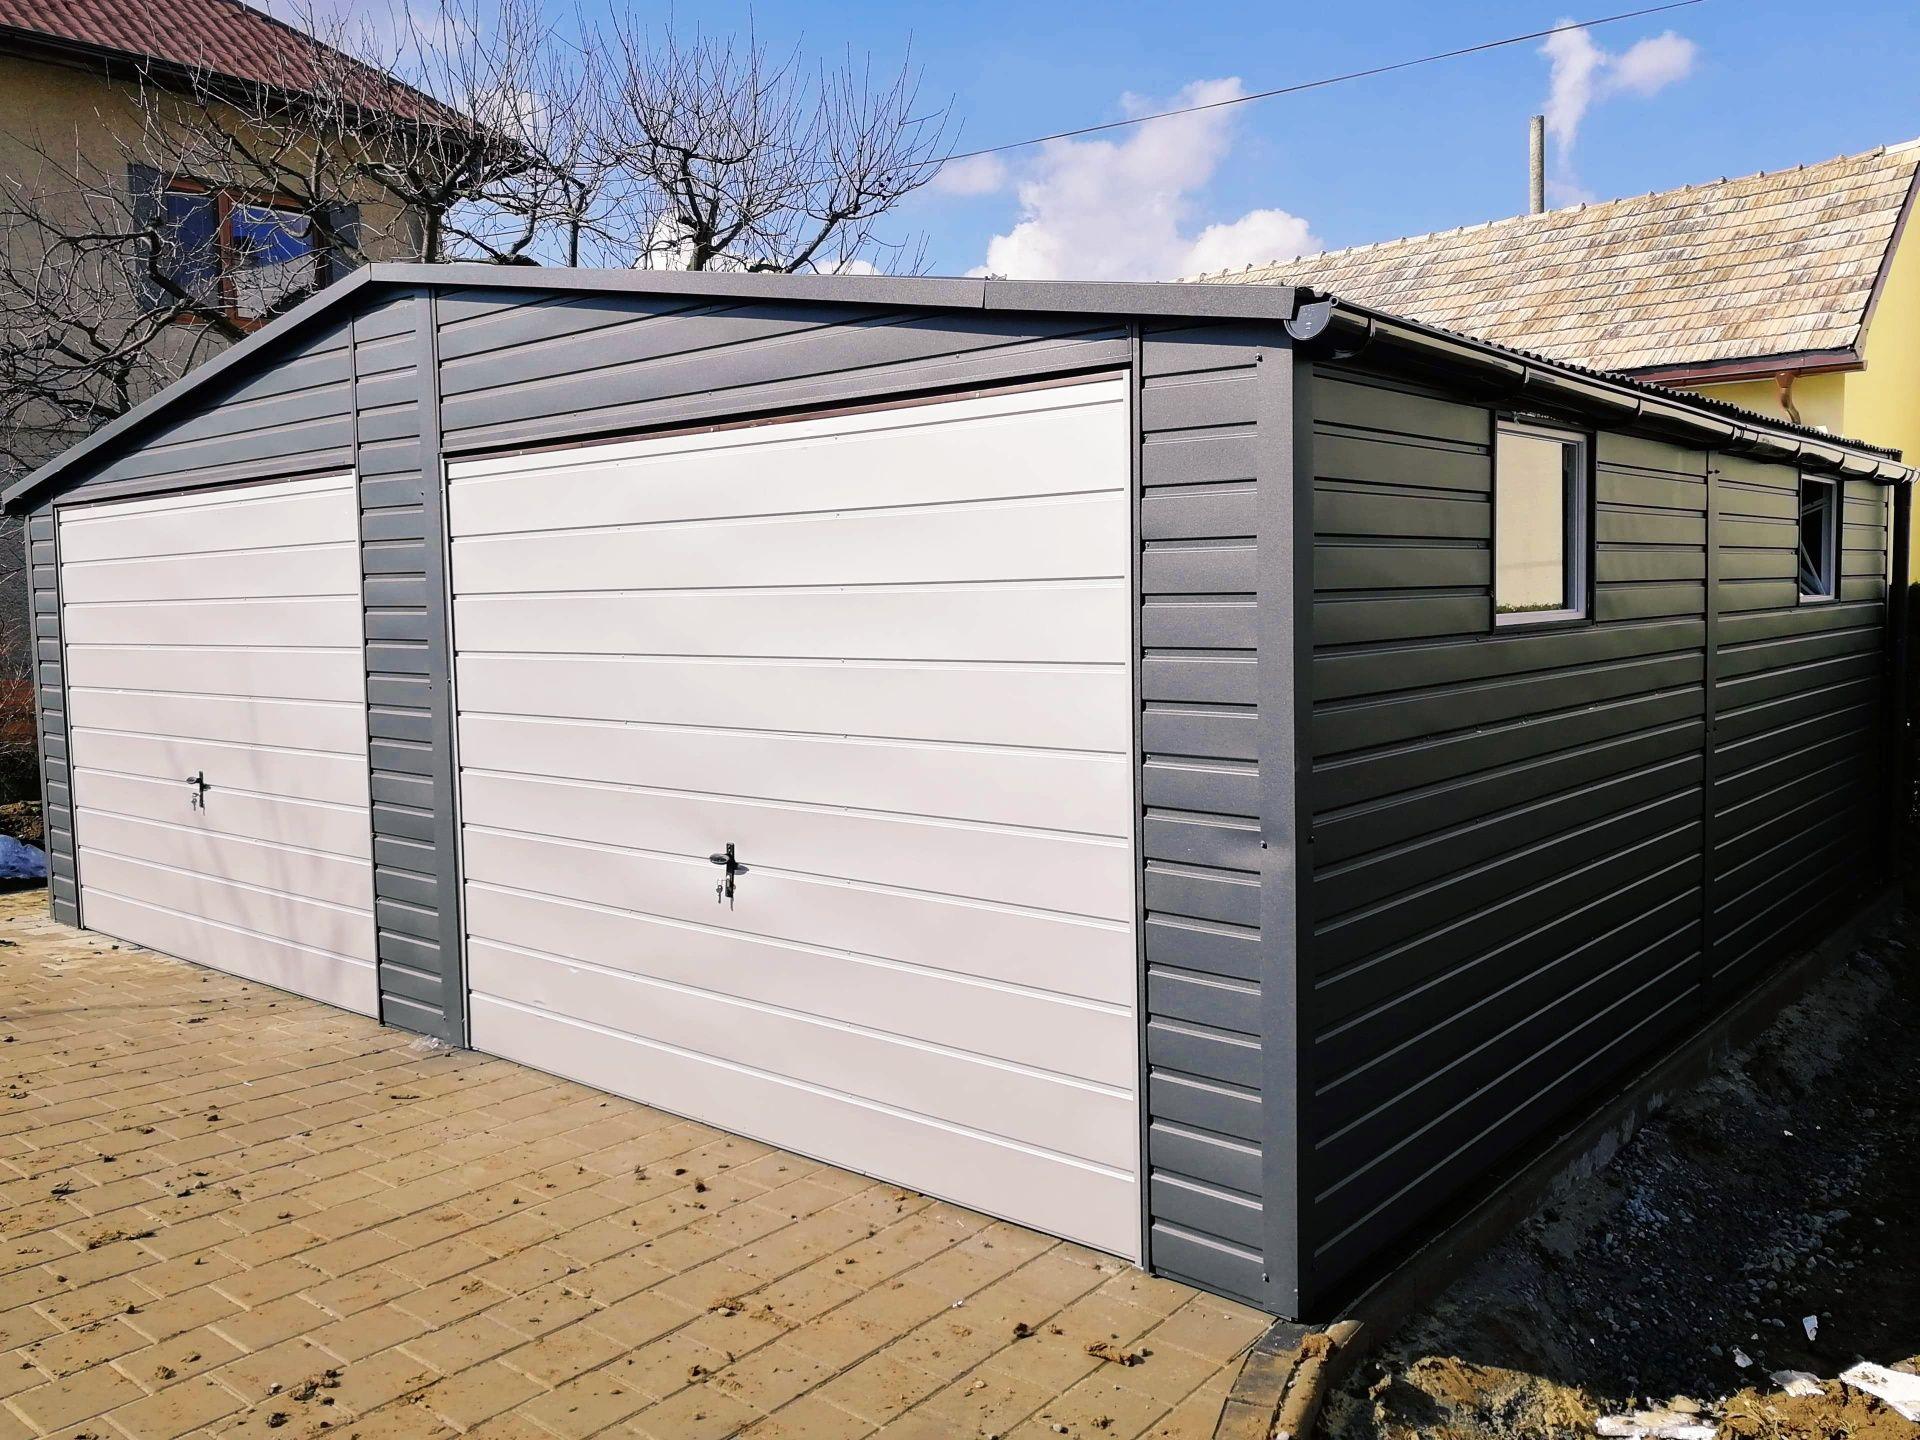 Garaż blaszany 7x6 antracyt grafit profil zamknięty szybkie terminy